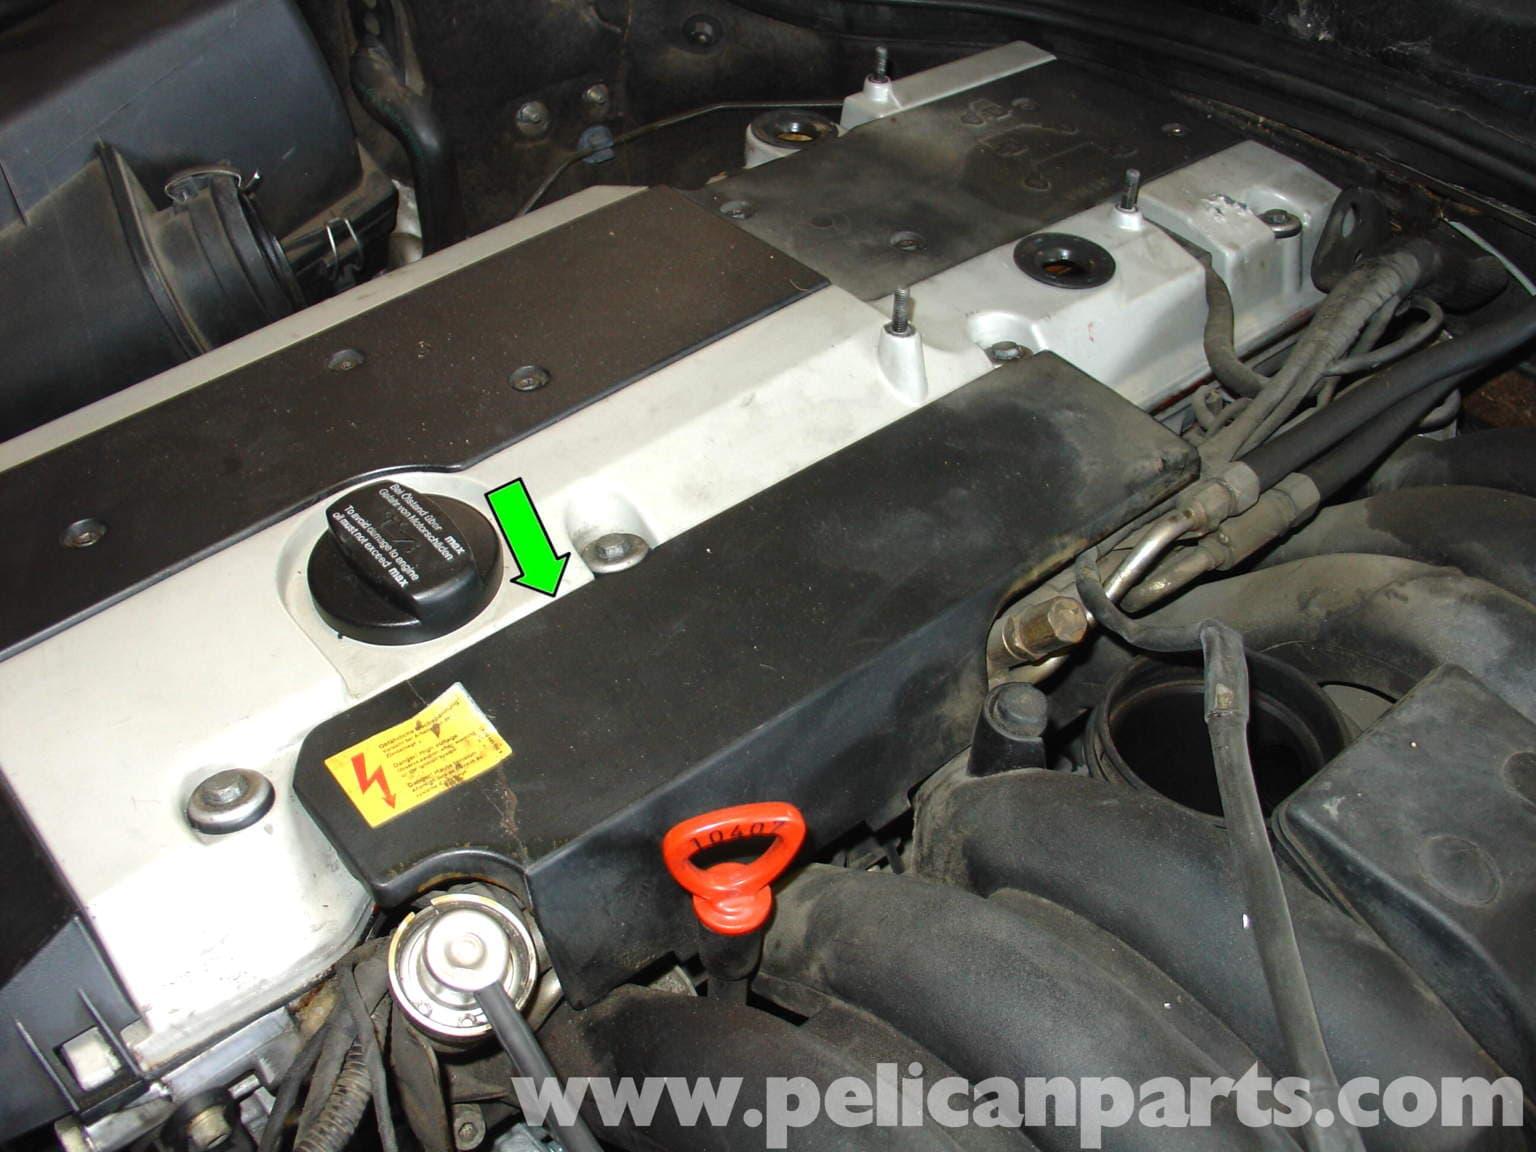 Audi Fuel Pressure Diagram on yamaha diagram, jeep diagram, ford diagram, dodge diagram, jaguar diagram, lotus diagram, harley davidson diagram, polaris diagram, transportation diagram, smart diagram, mercury diagram, koenigsegg diagram, bmw diagram,